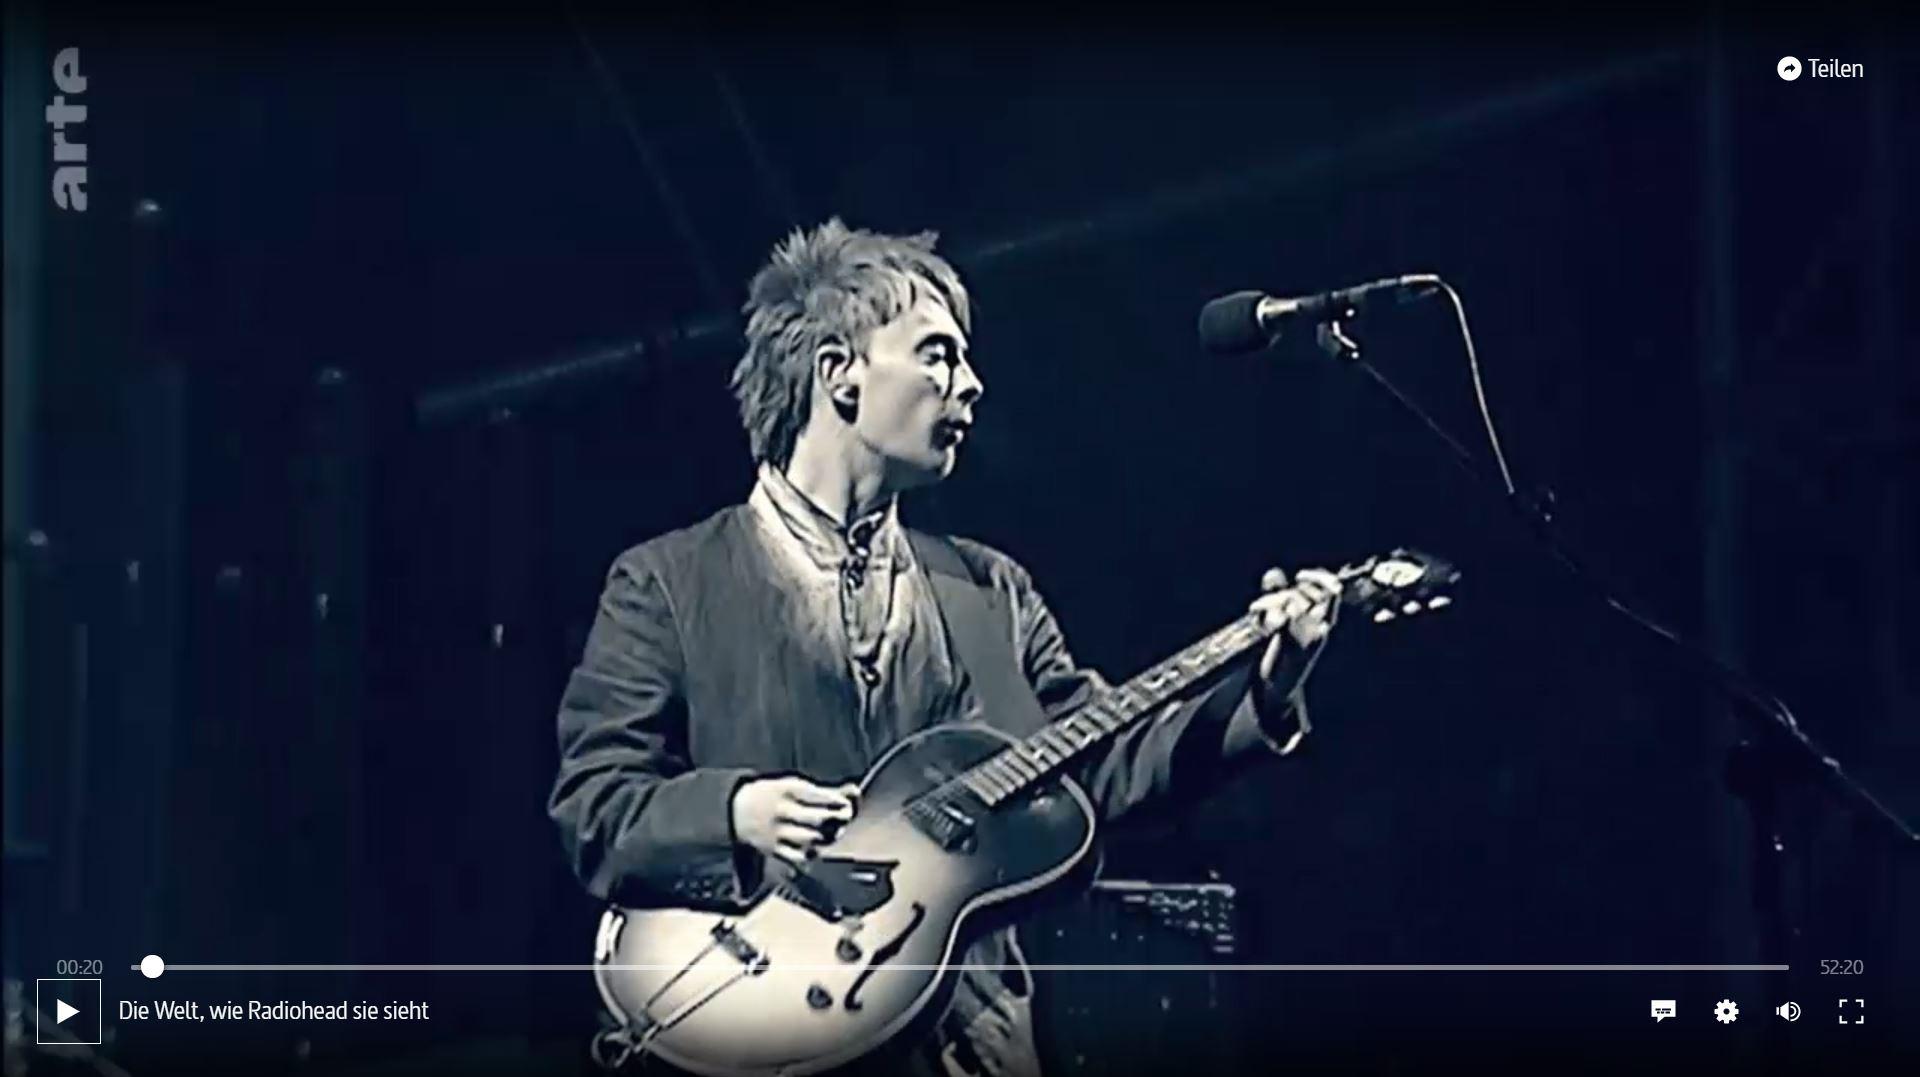 ARTE-Doku: Die Welt, wie Radiohead sie sieht